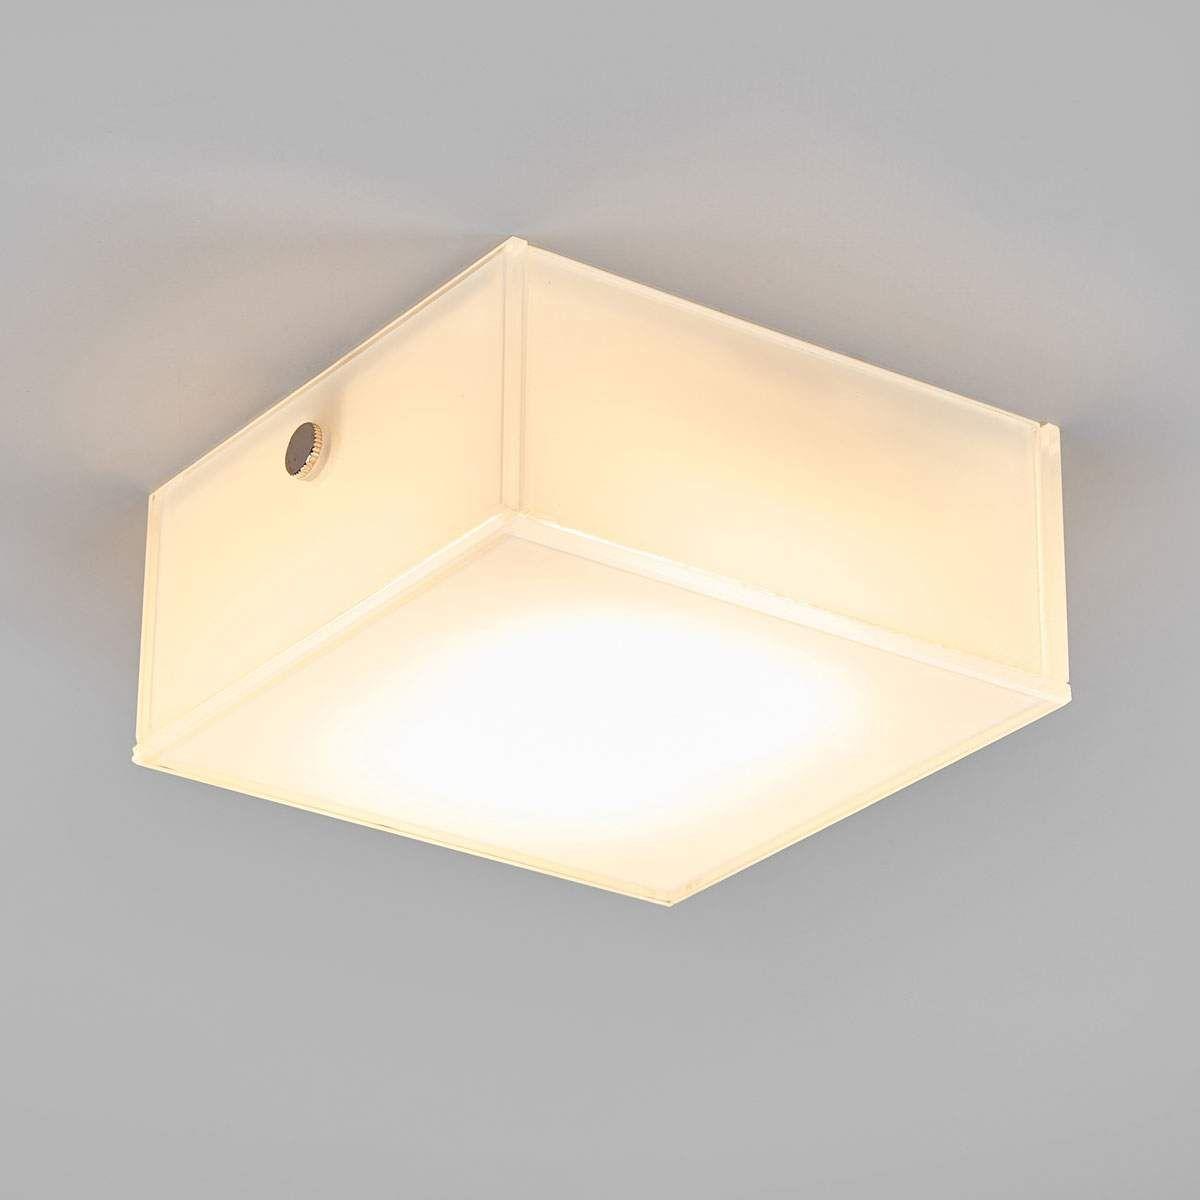 led deckenbeleuchtung wohnzimmer deckenleuchten